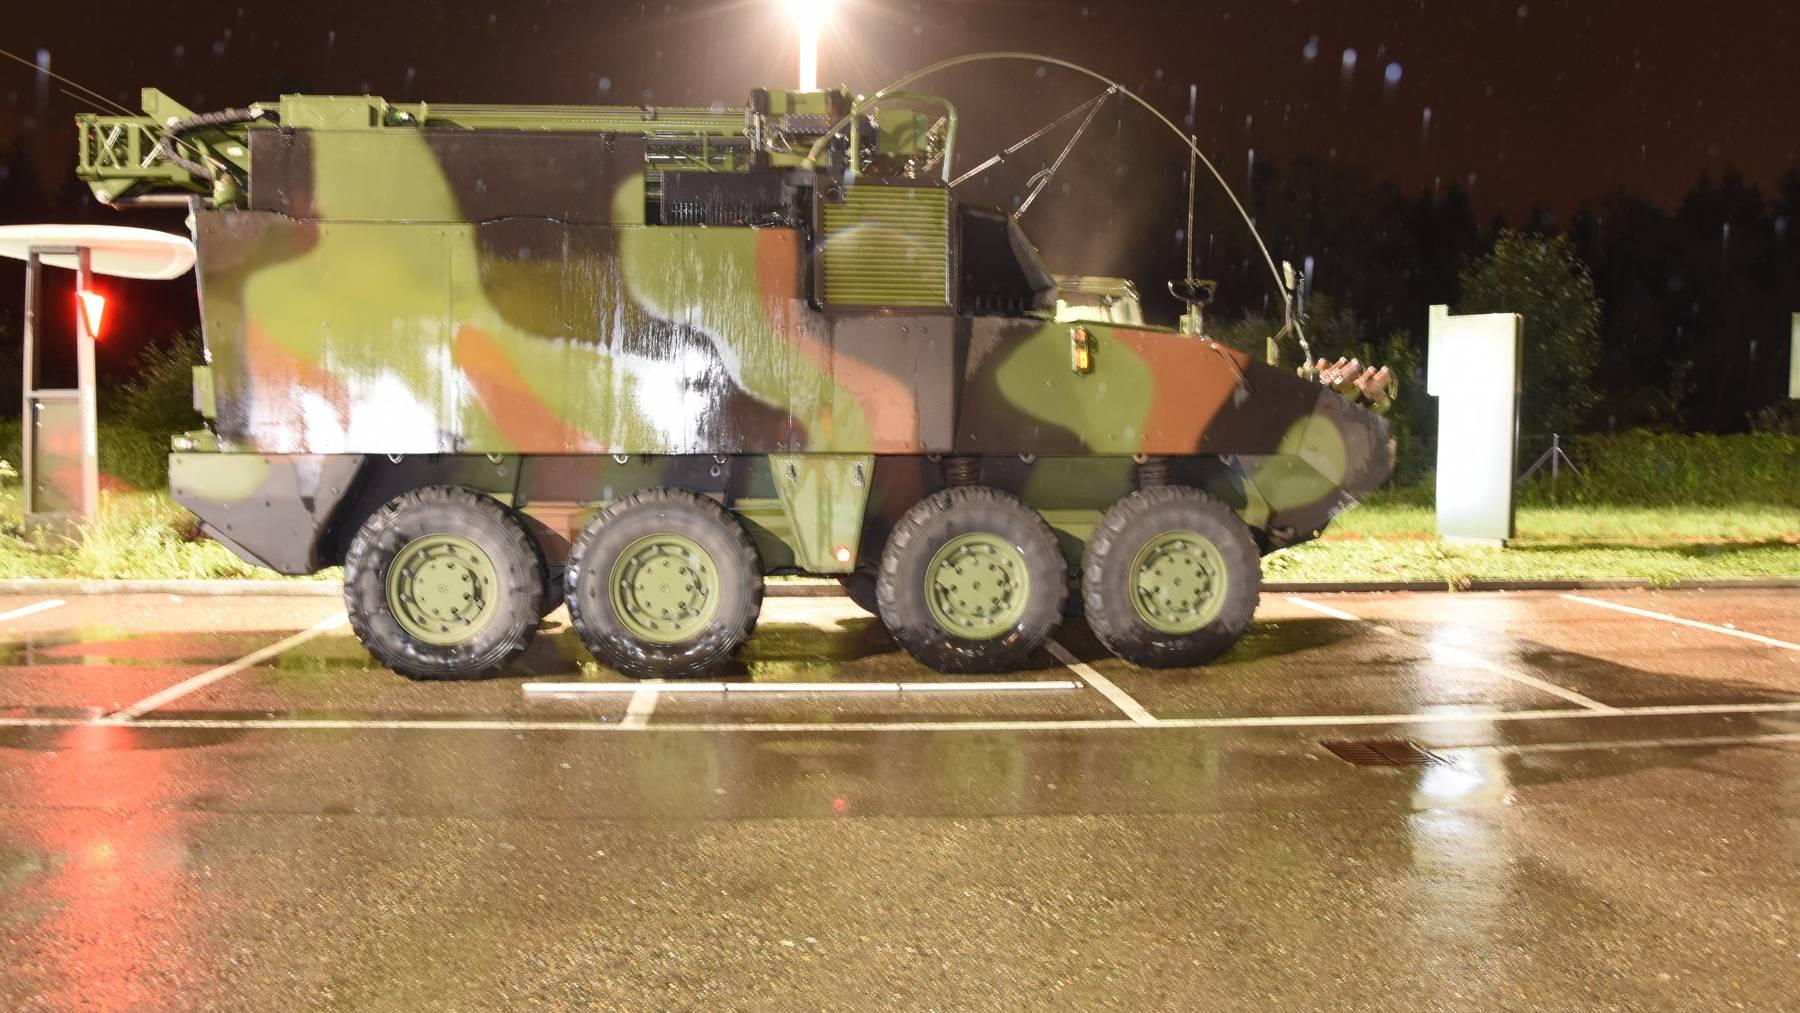 Am Donnerstag kollidierte dieser Panzer mit einem Auto.